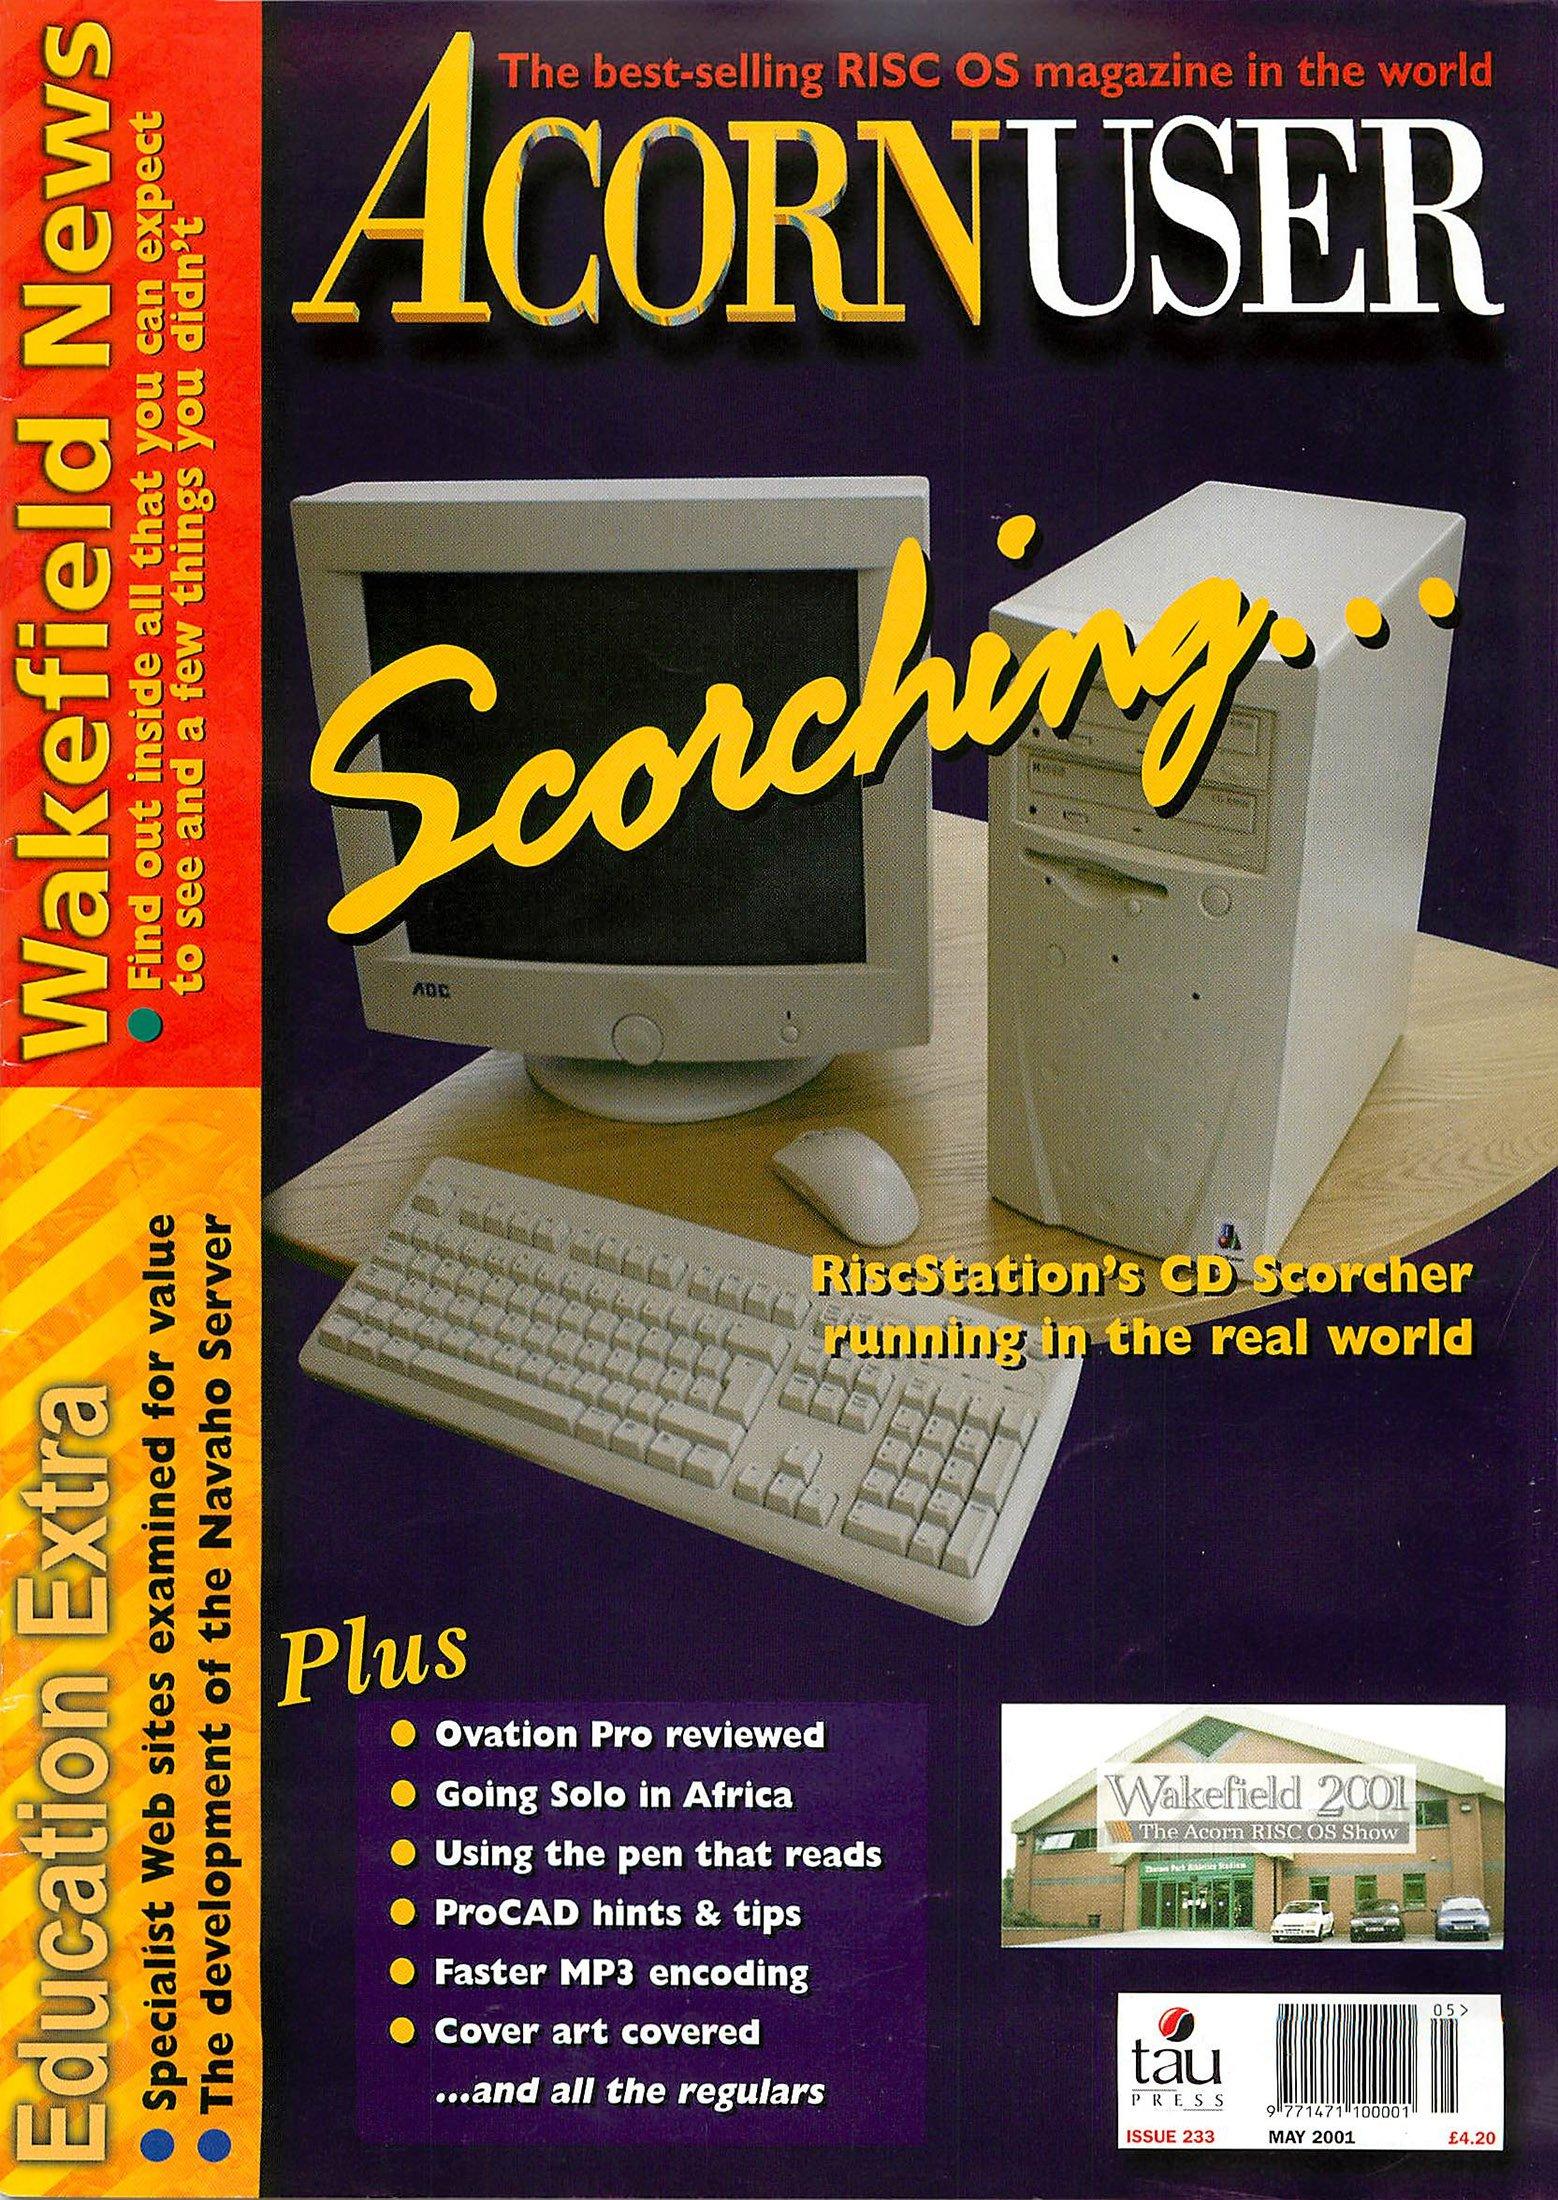 Acorn User 233 (May 2001)